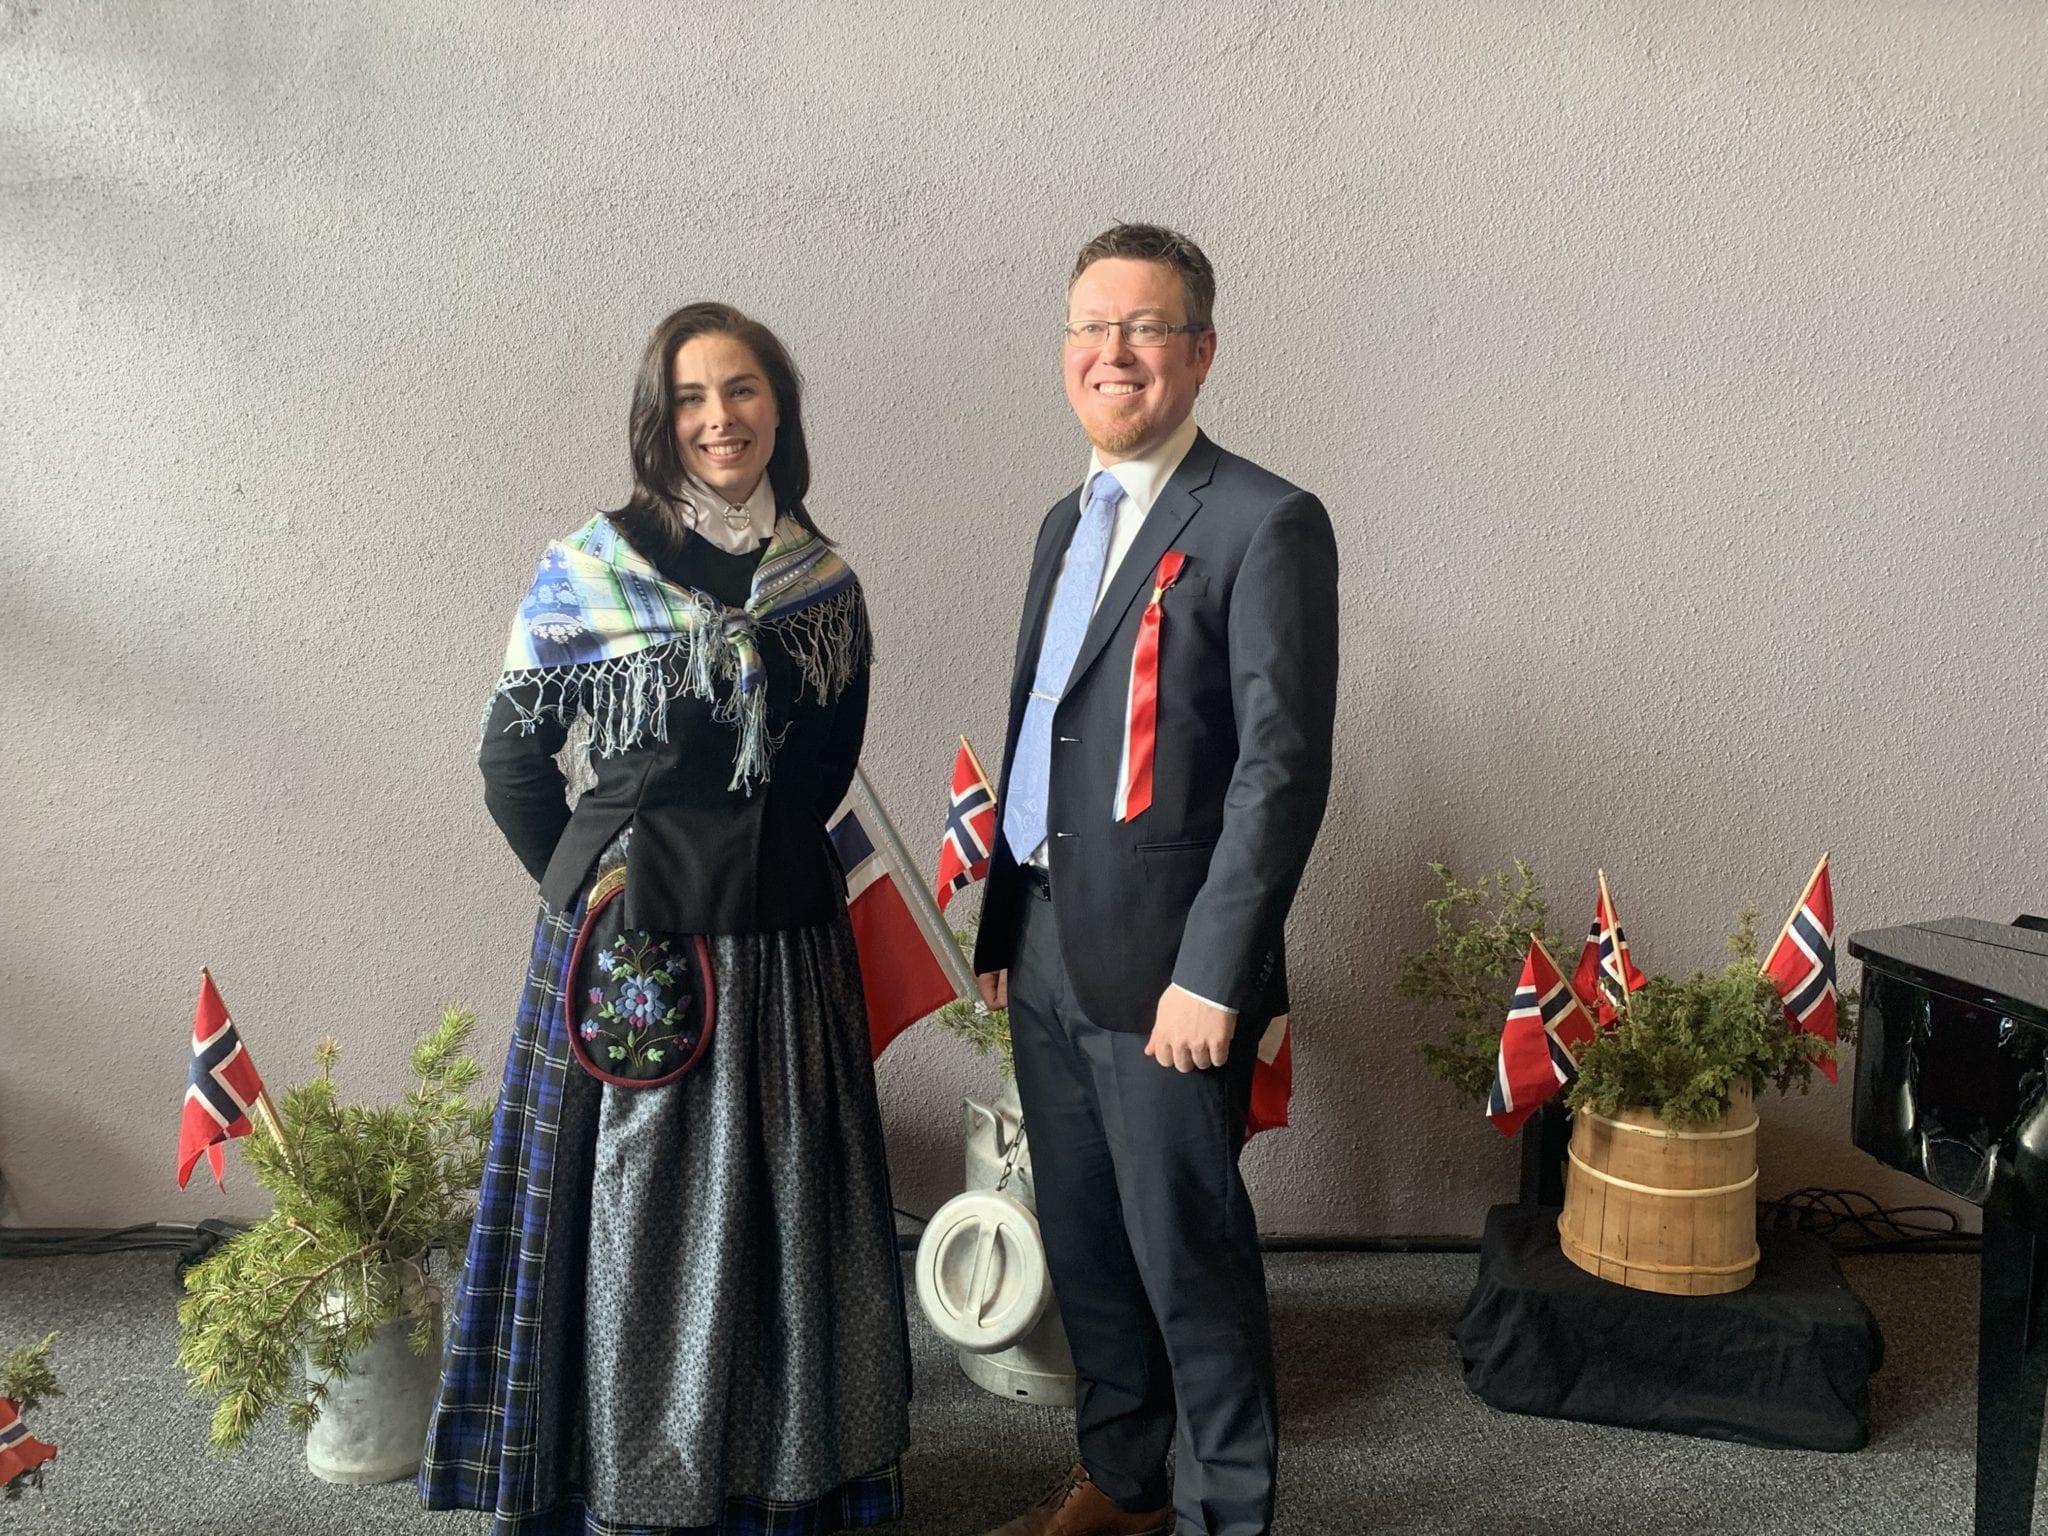 Aina Sandnes Røste og Harald Hauge var programledere. Foto: Ren Røros Frontal